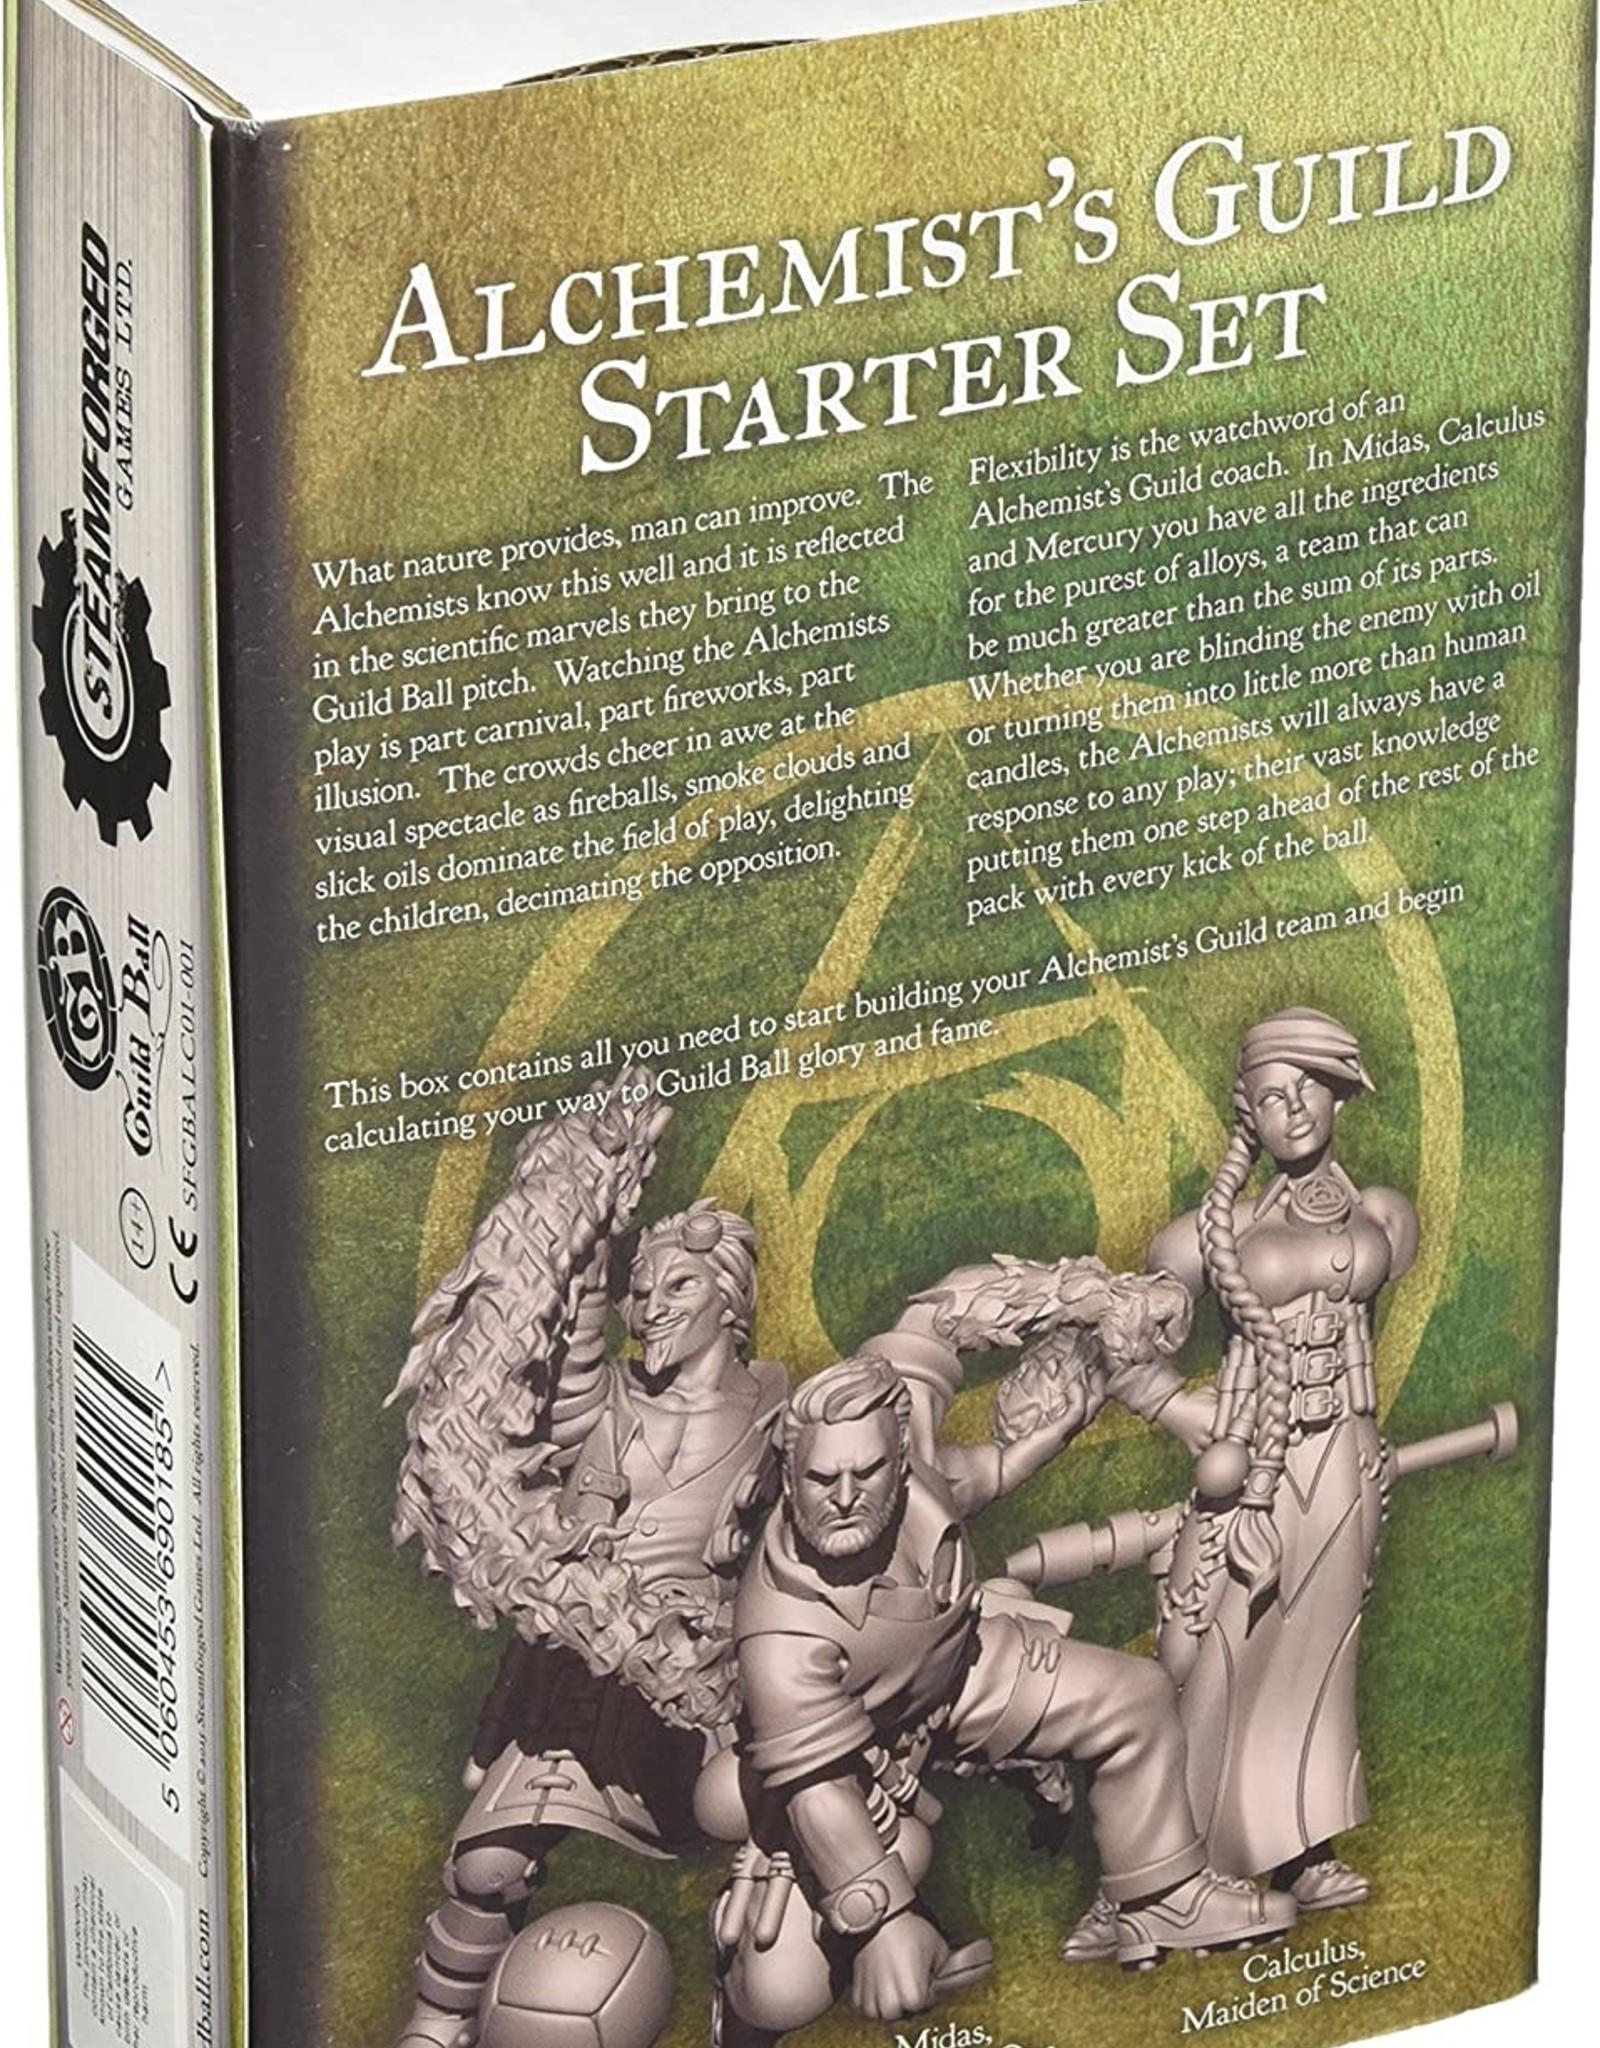 Steamforged Alchemist's Guild Starter